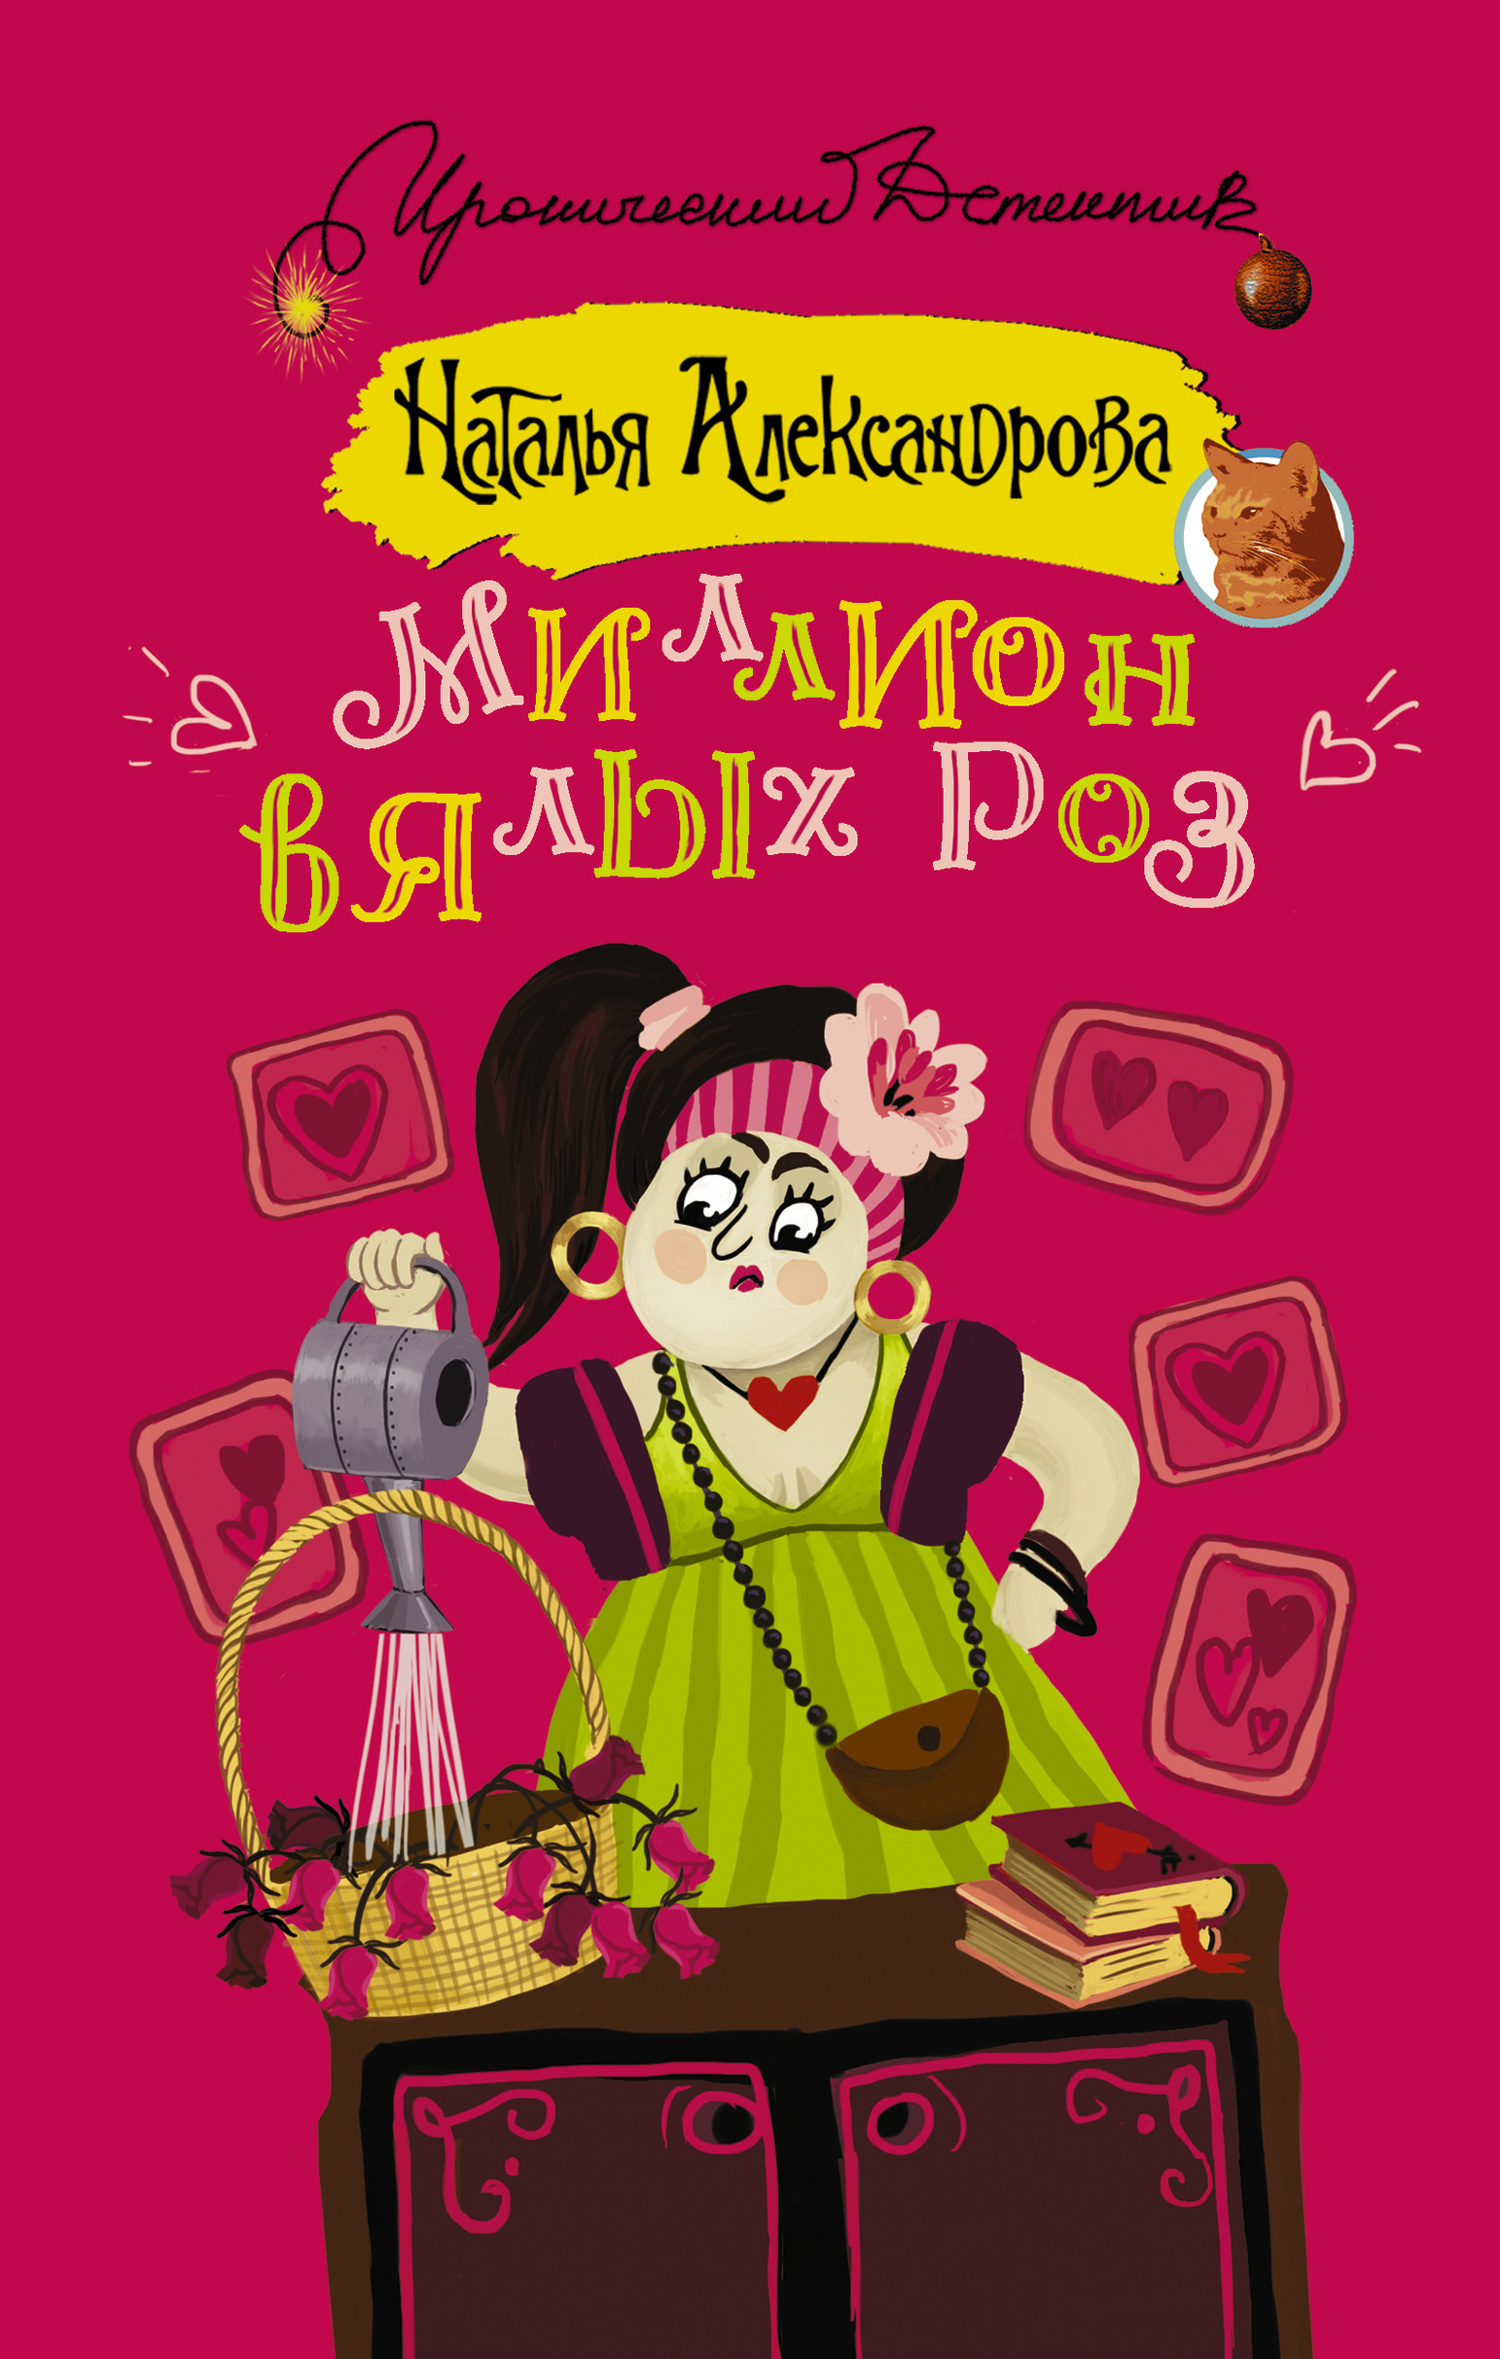 Наталья Александрова - Миллион вялых роз